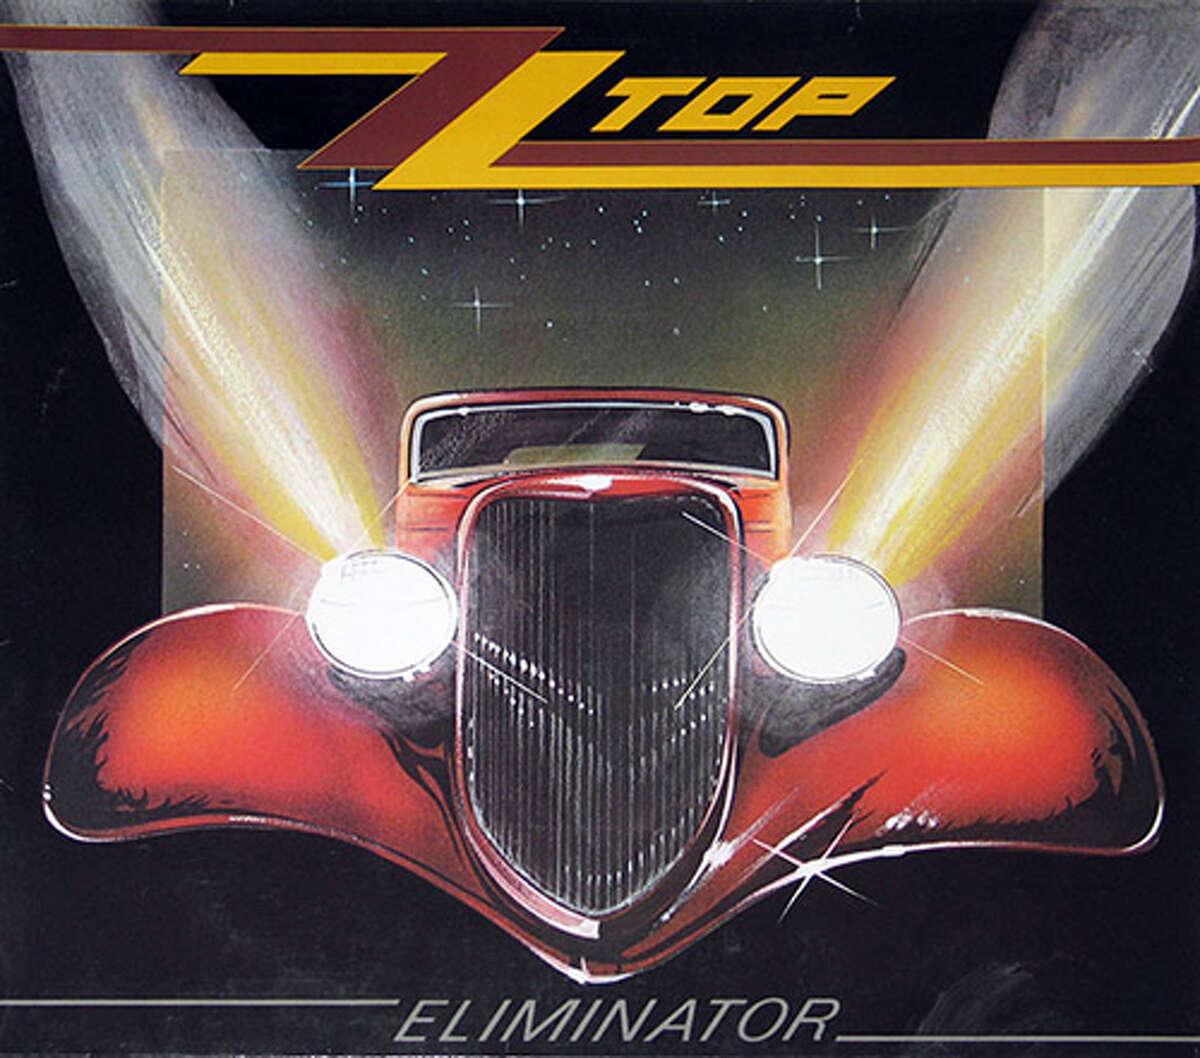 Eliminator, by ZZ Top 1983